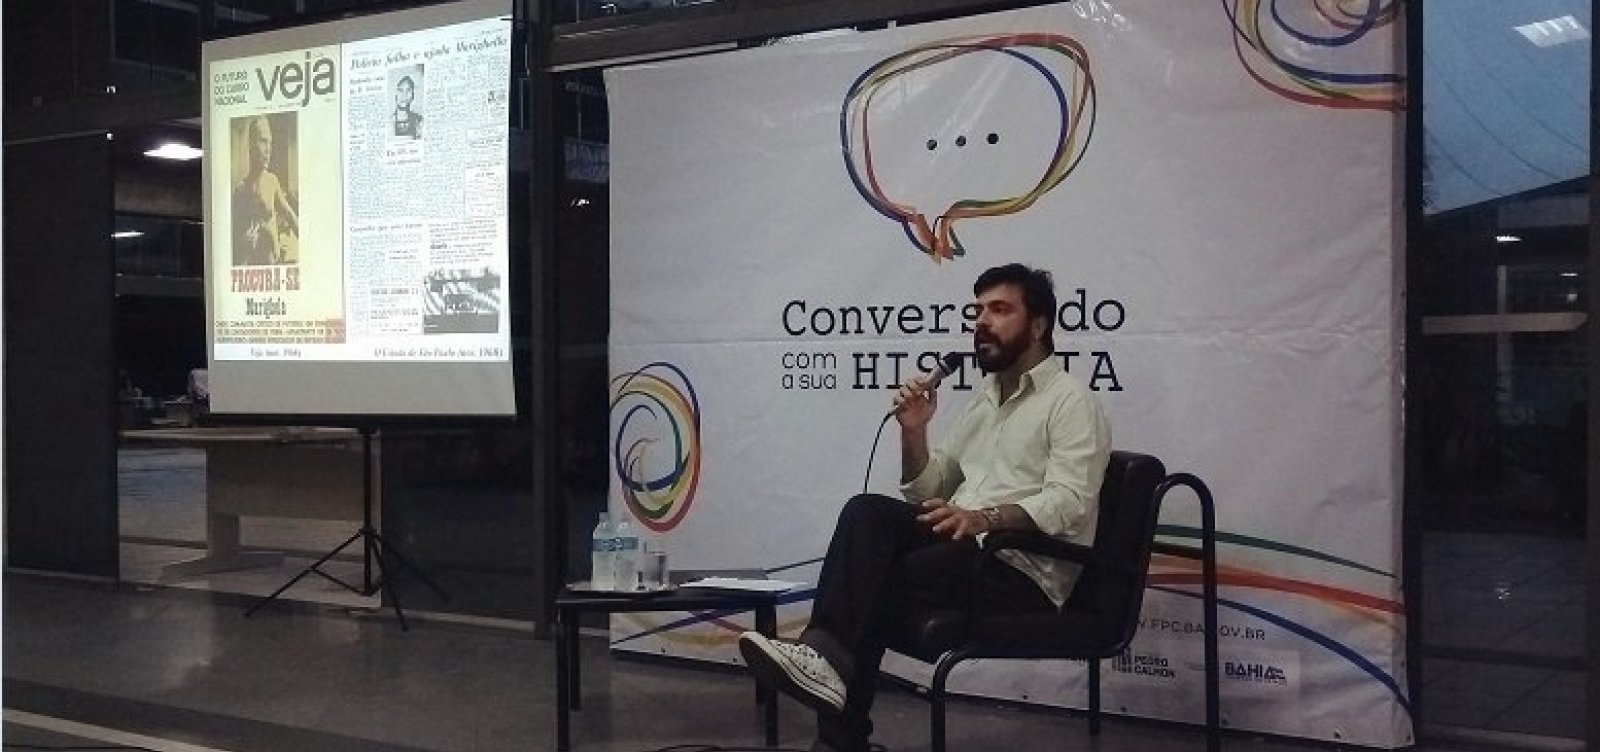 'No Brasil, não existe príncipe, rei, nem princesa', afirma historiador